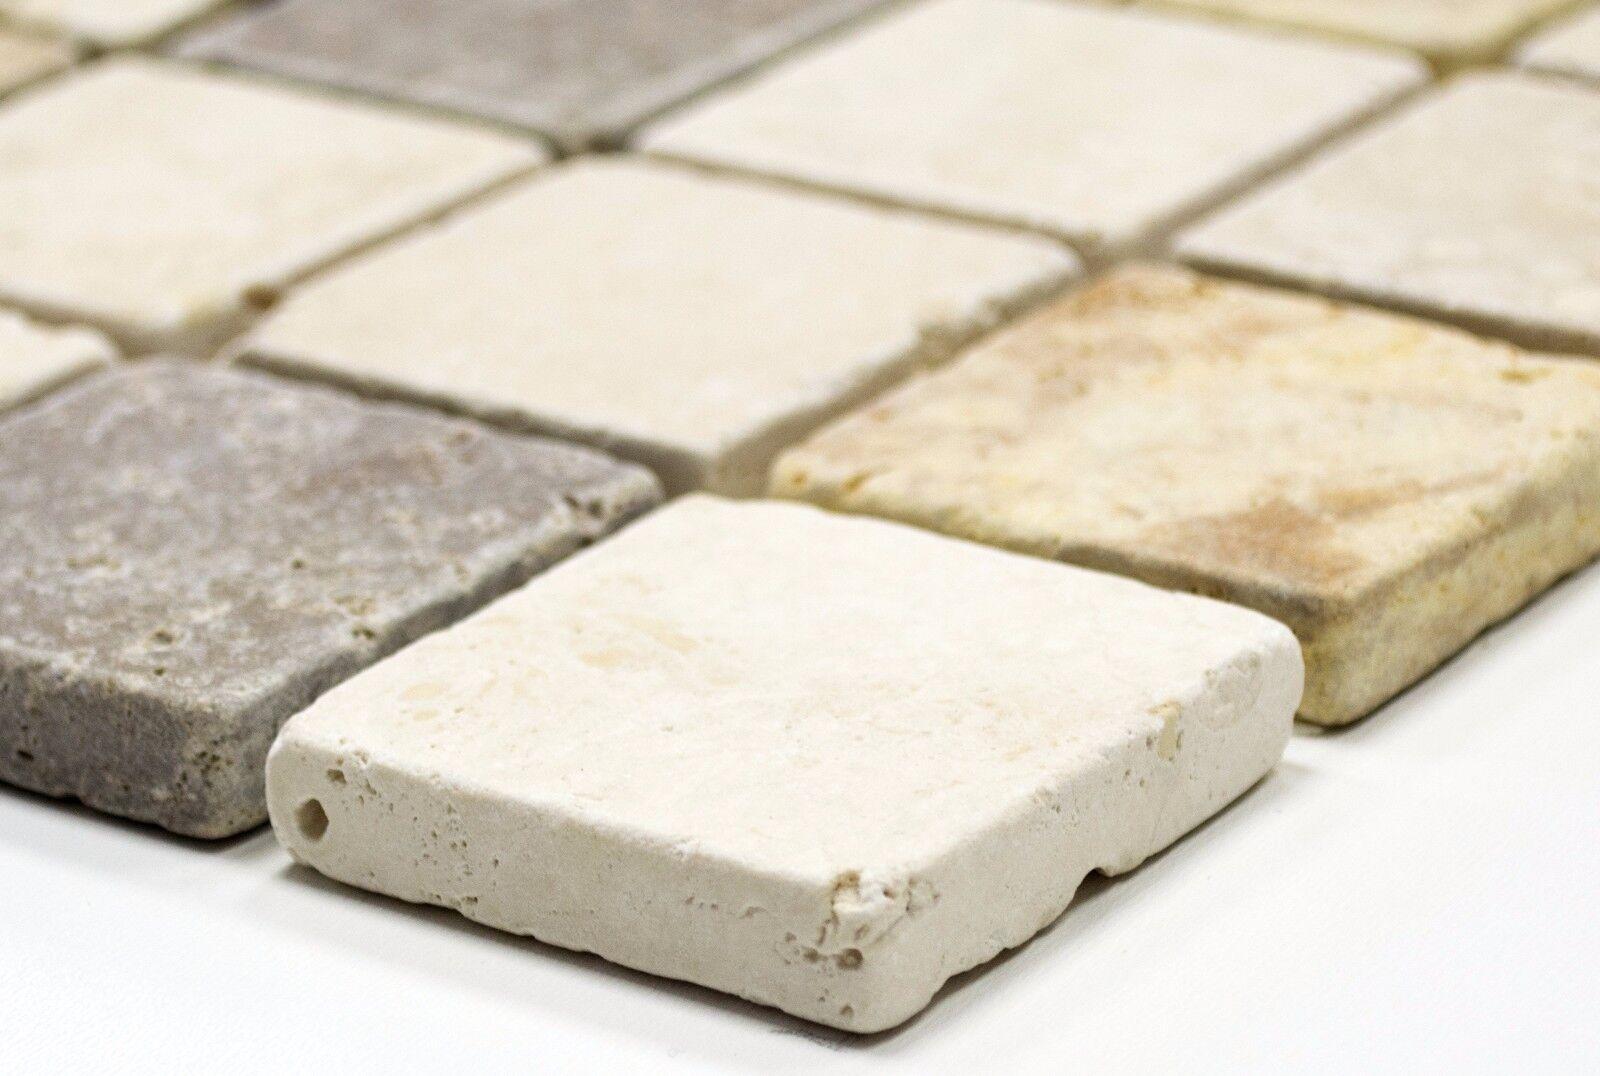 Mosaik Mosaik Mosaik Travertin Mix Tumbled Fliesenspiegel Küche Wand Art: 43-46685 | 10 Matten e02963